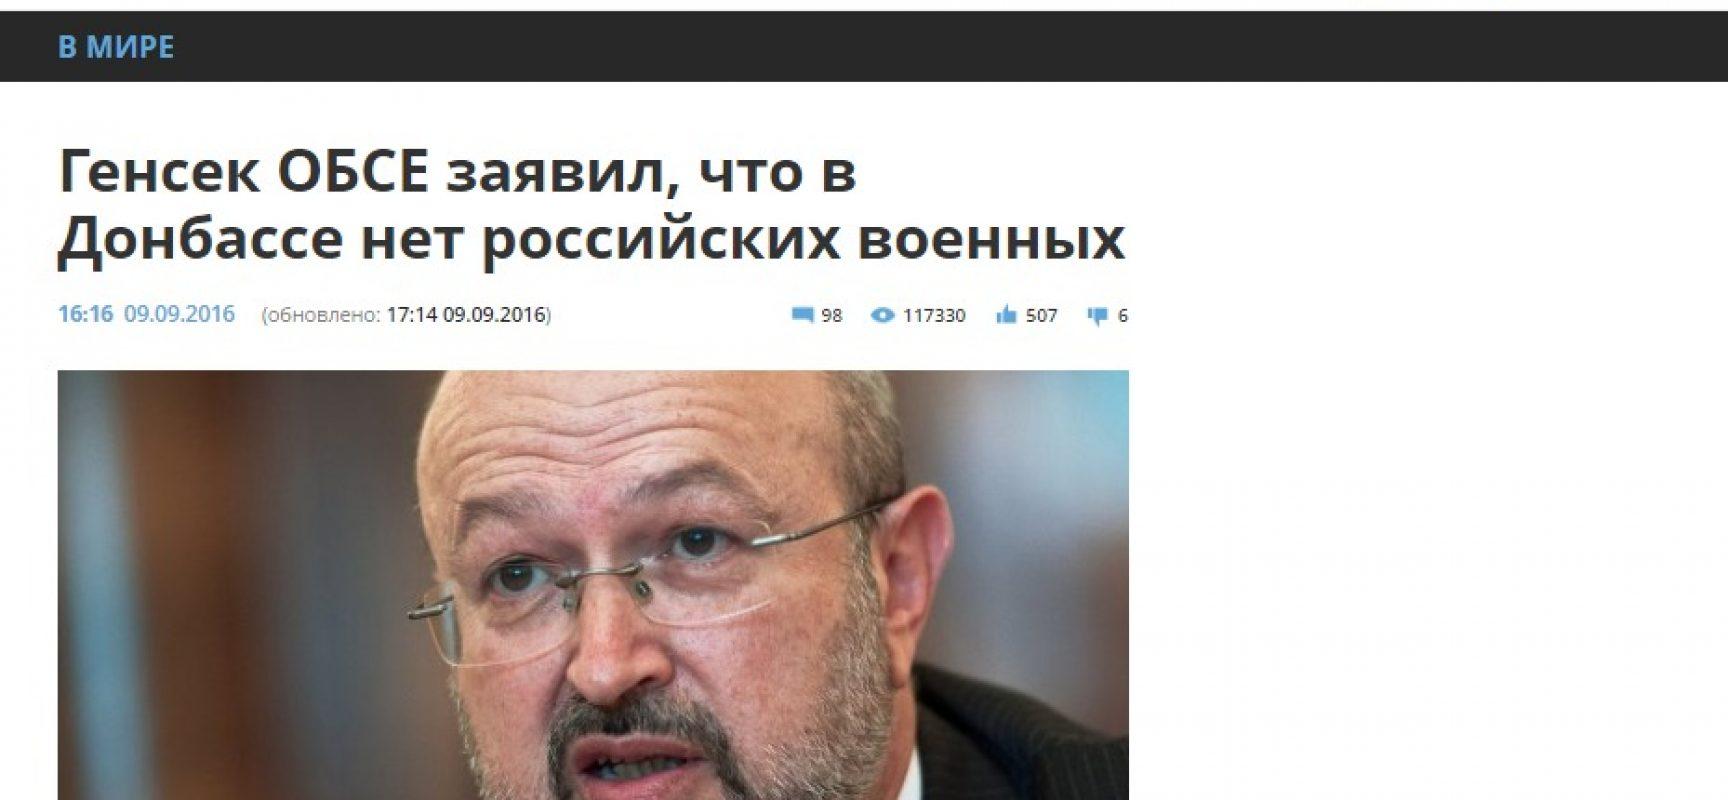 Fake: l'OSCE conferma l'assenza di truppe russe in Donbas